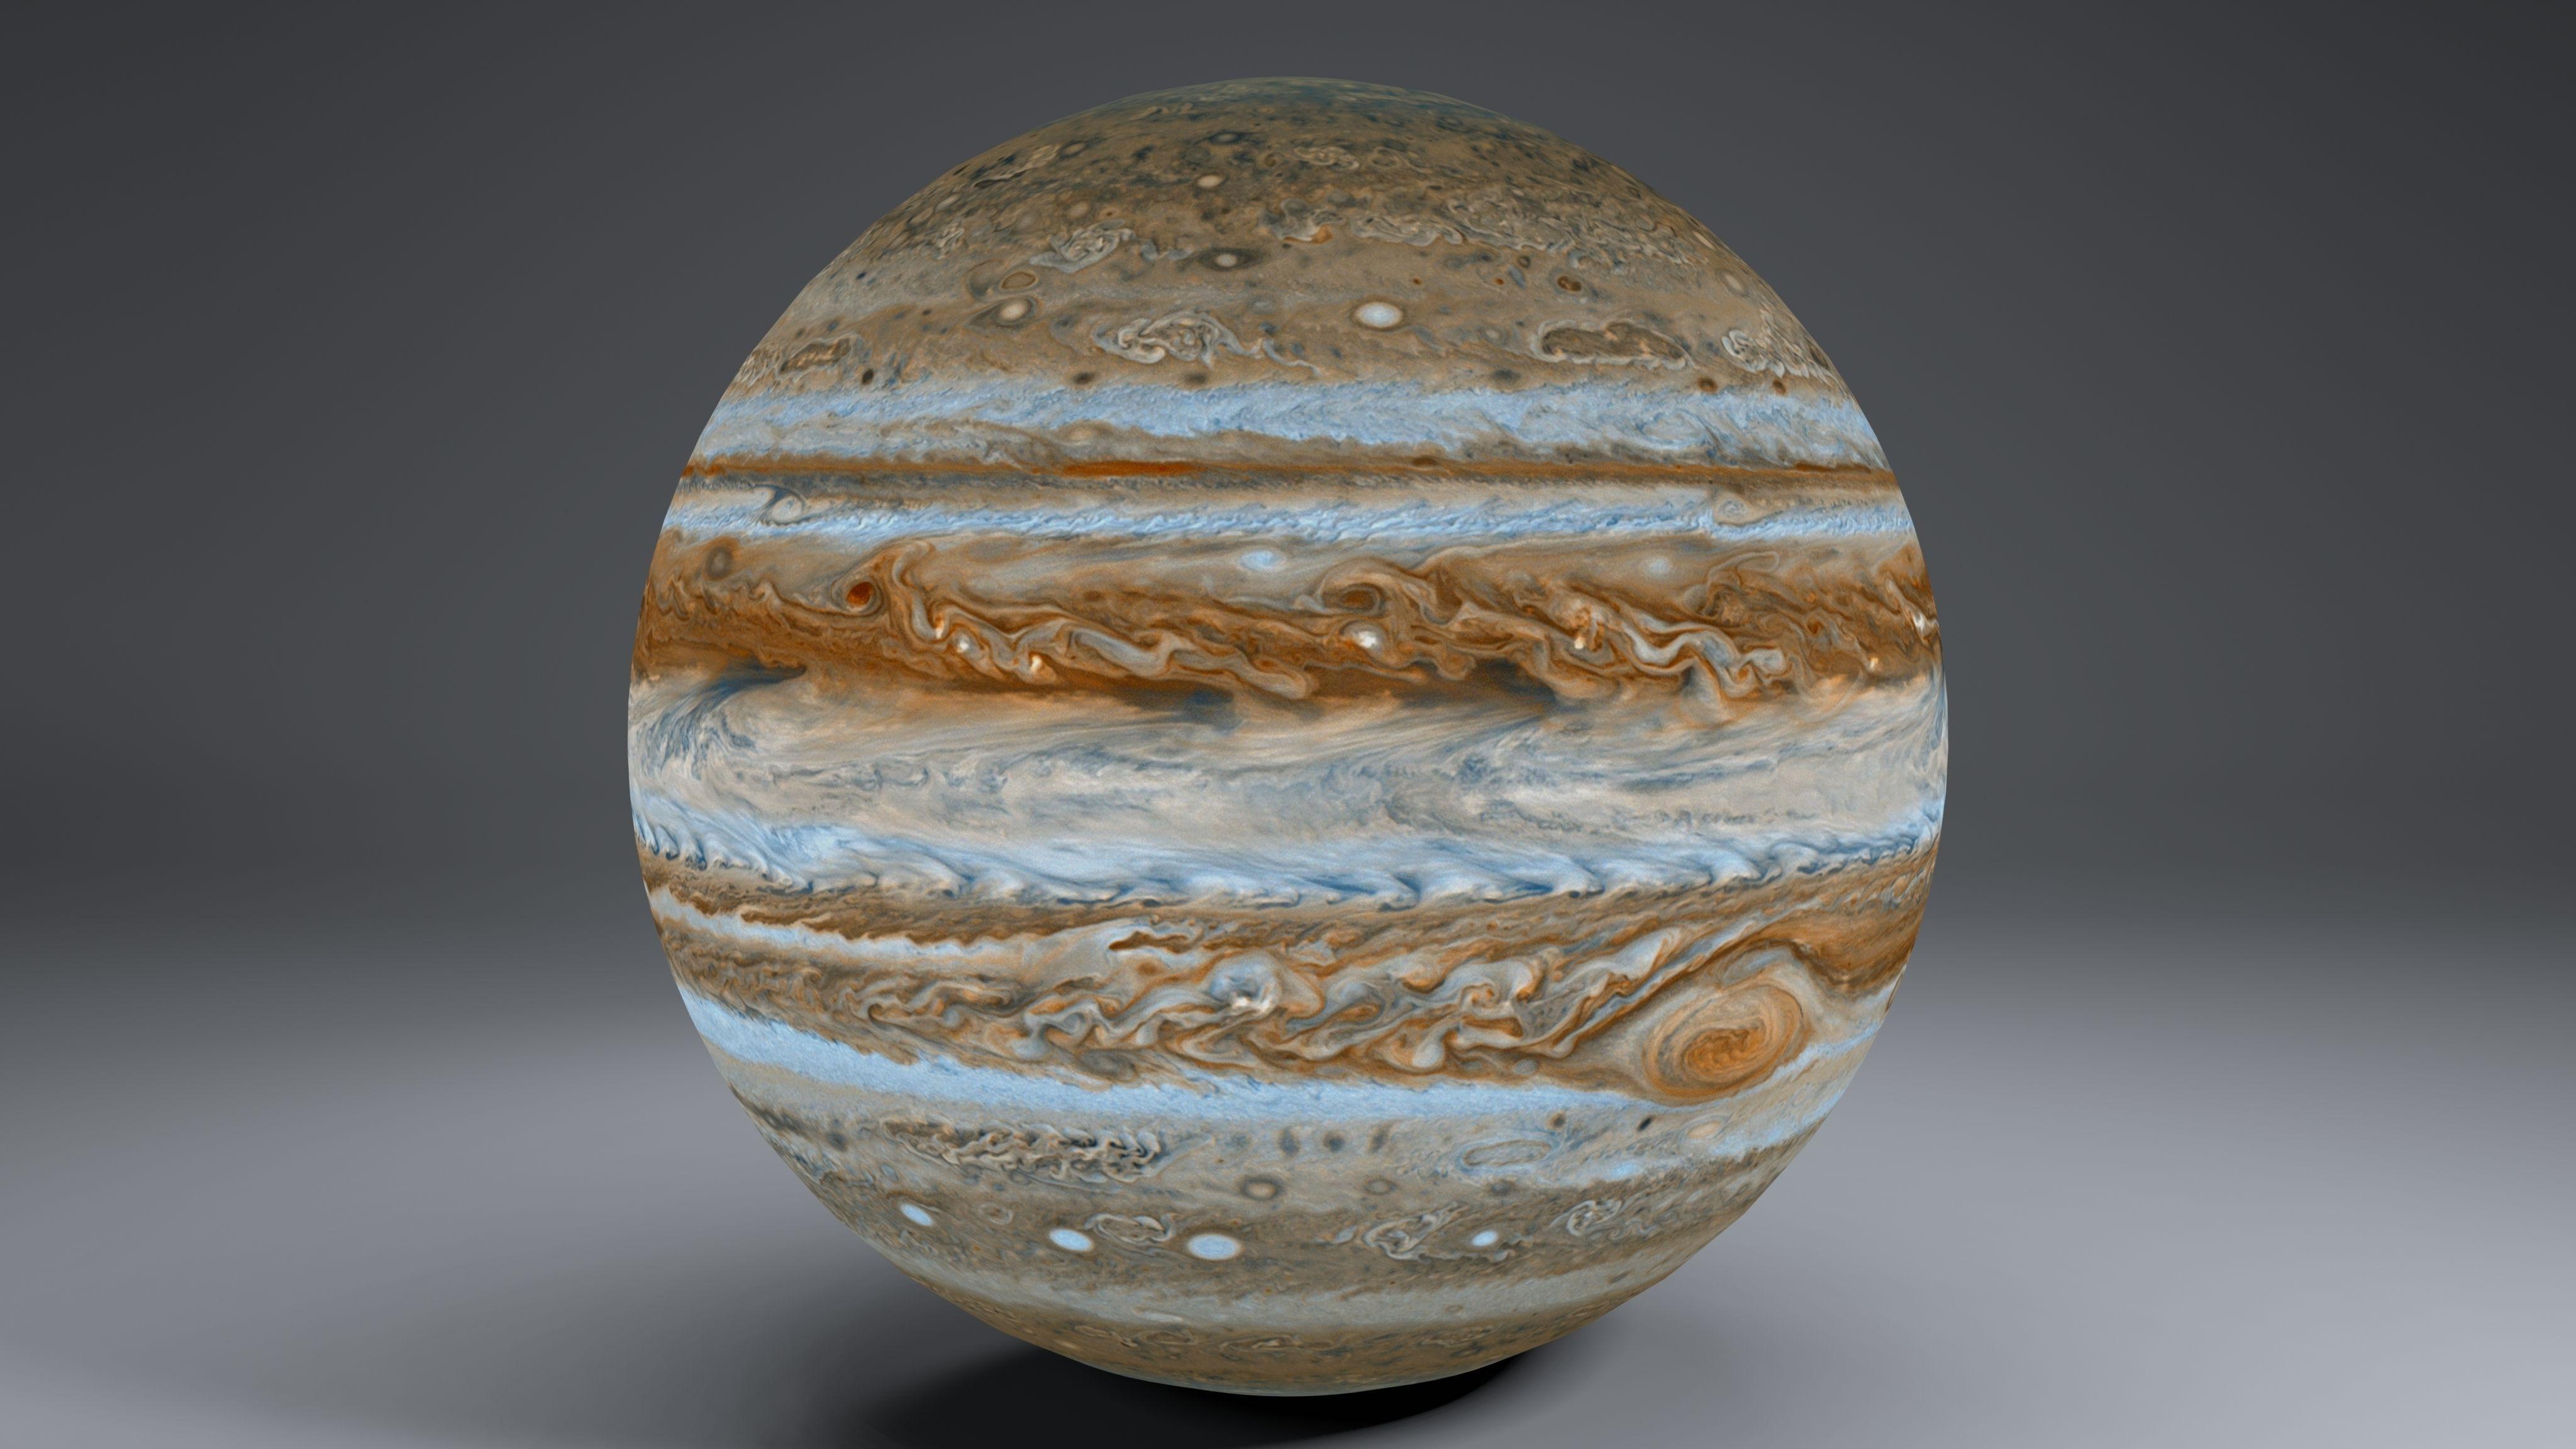 planet jupiter sytrofoam model - photo #25